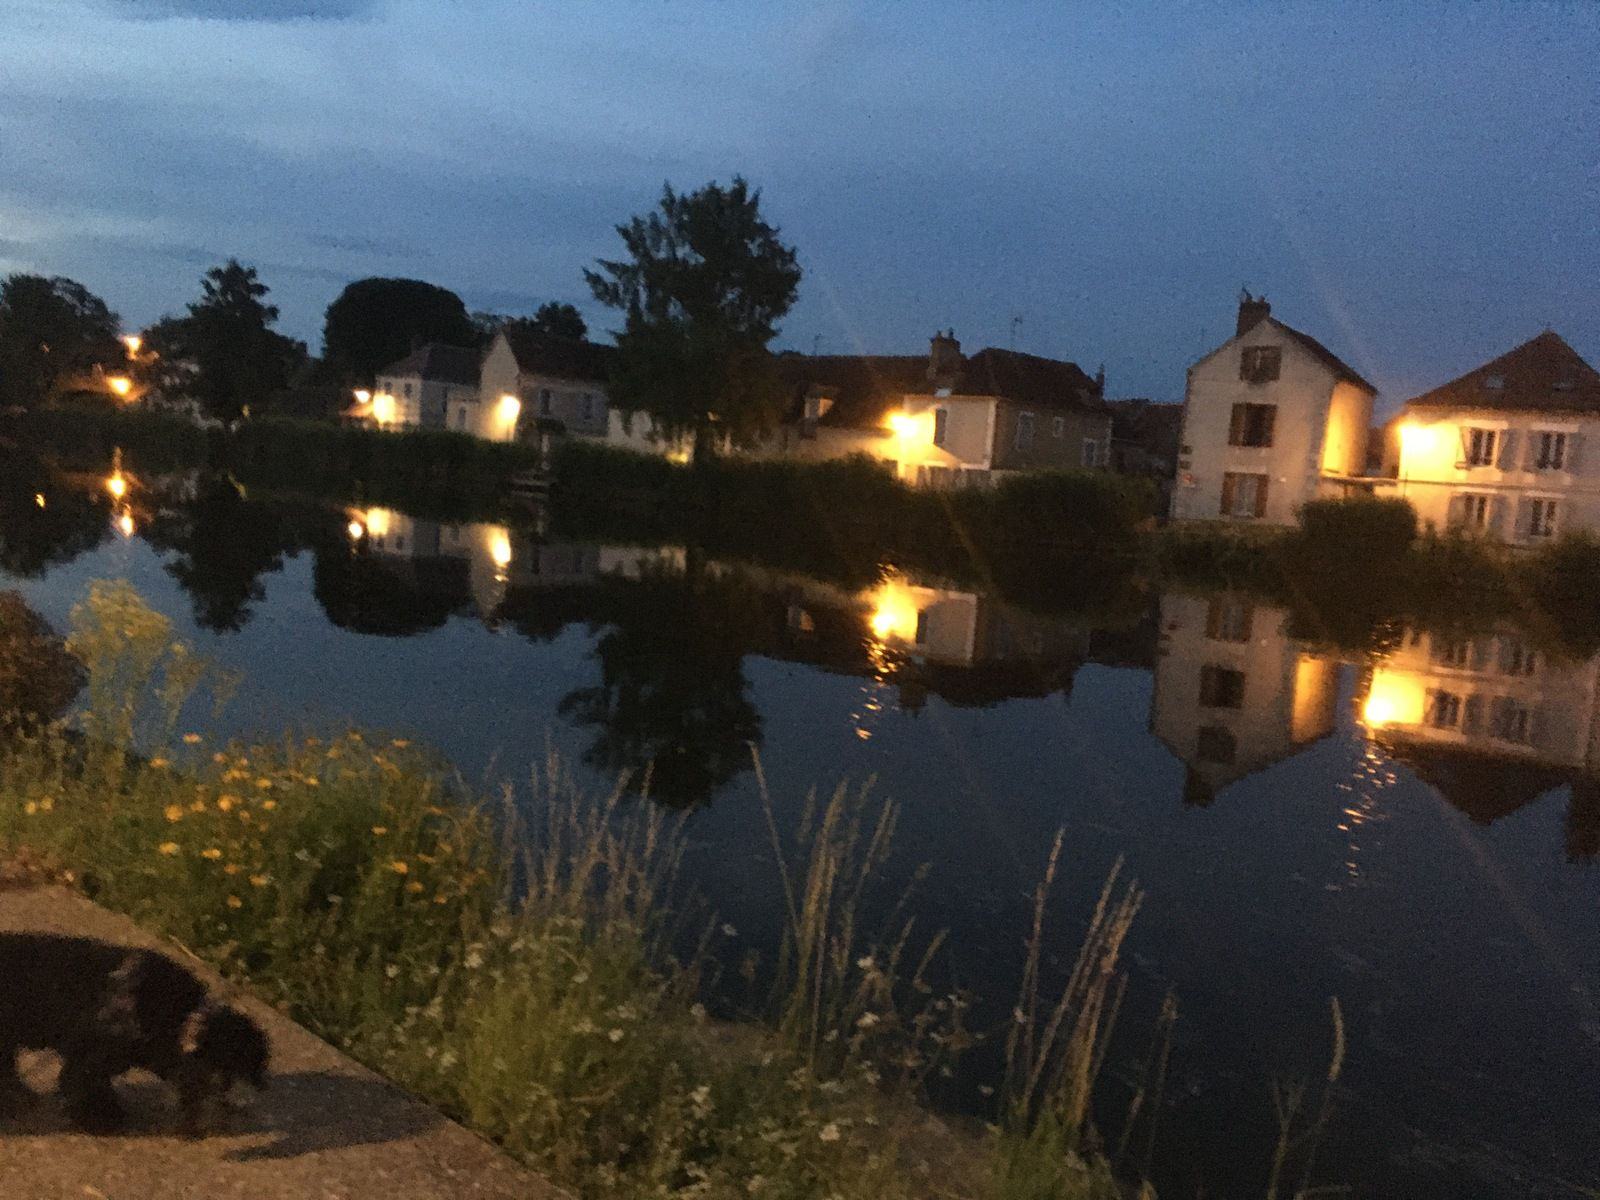 26 juin 2021 : Auxerre (France)